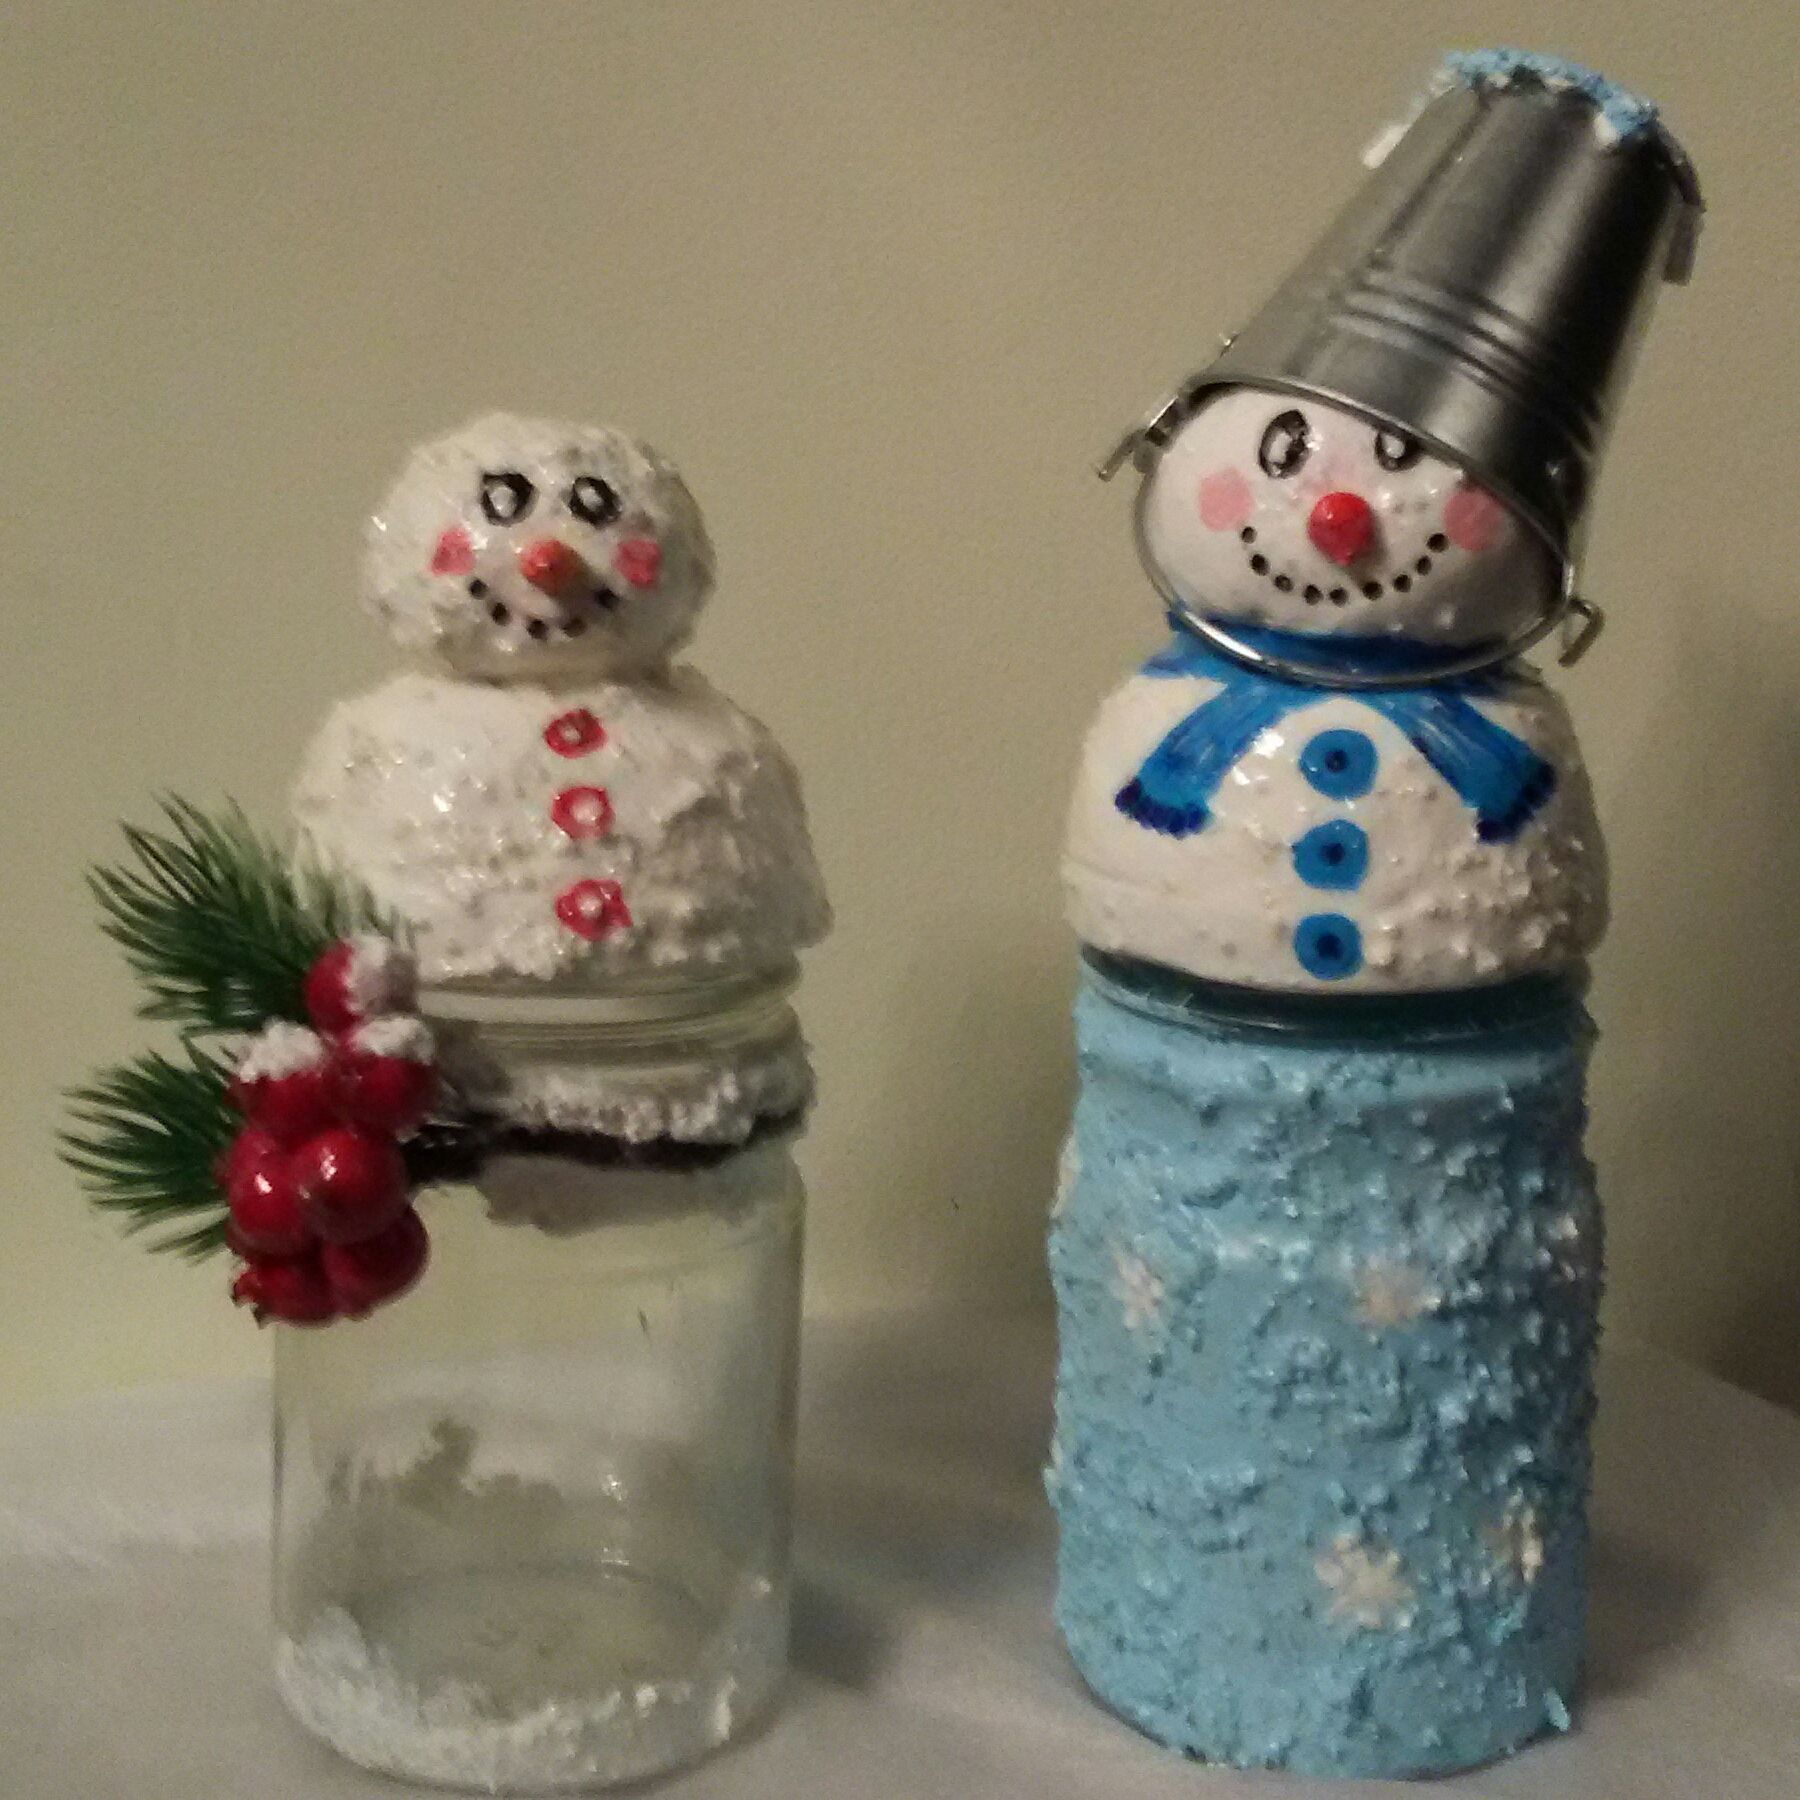 подарокдлядетей банкадляконфет снежинка банка снеговик дедмороз новыйгод подарок